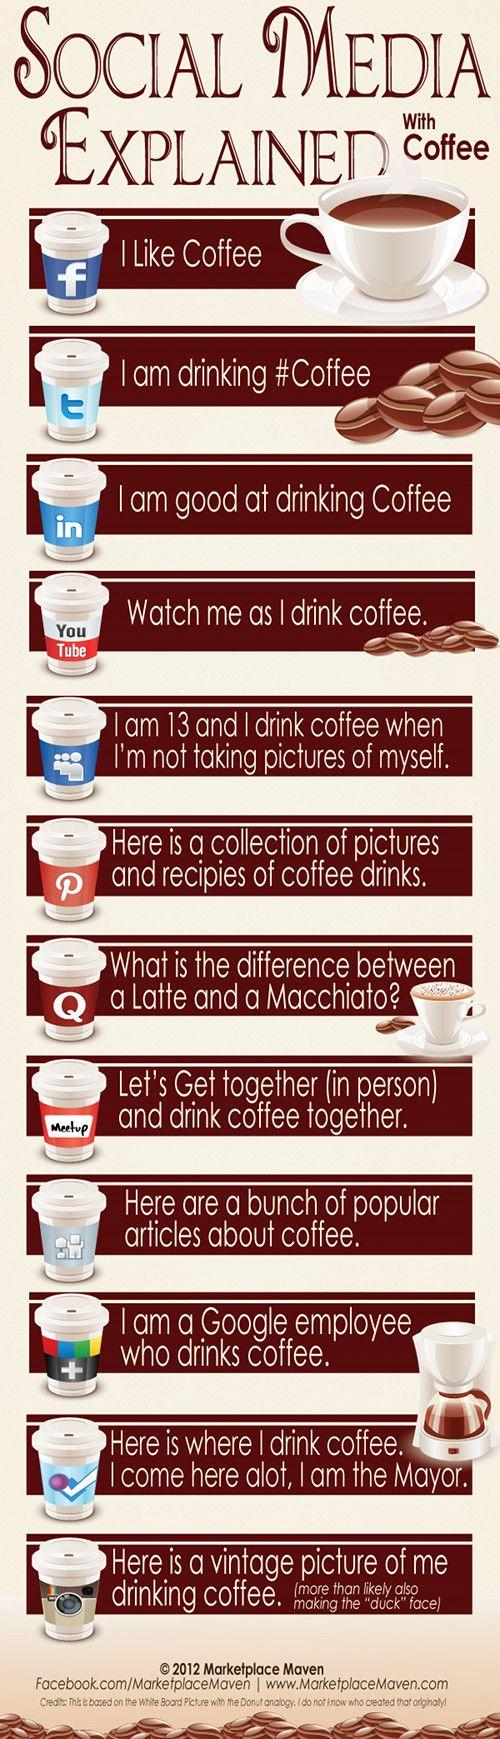 Les réseaux sociaux expliqués autour d'un café !